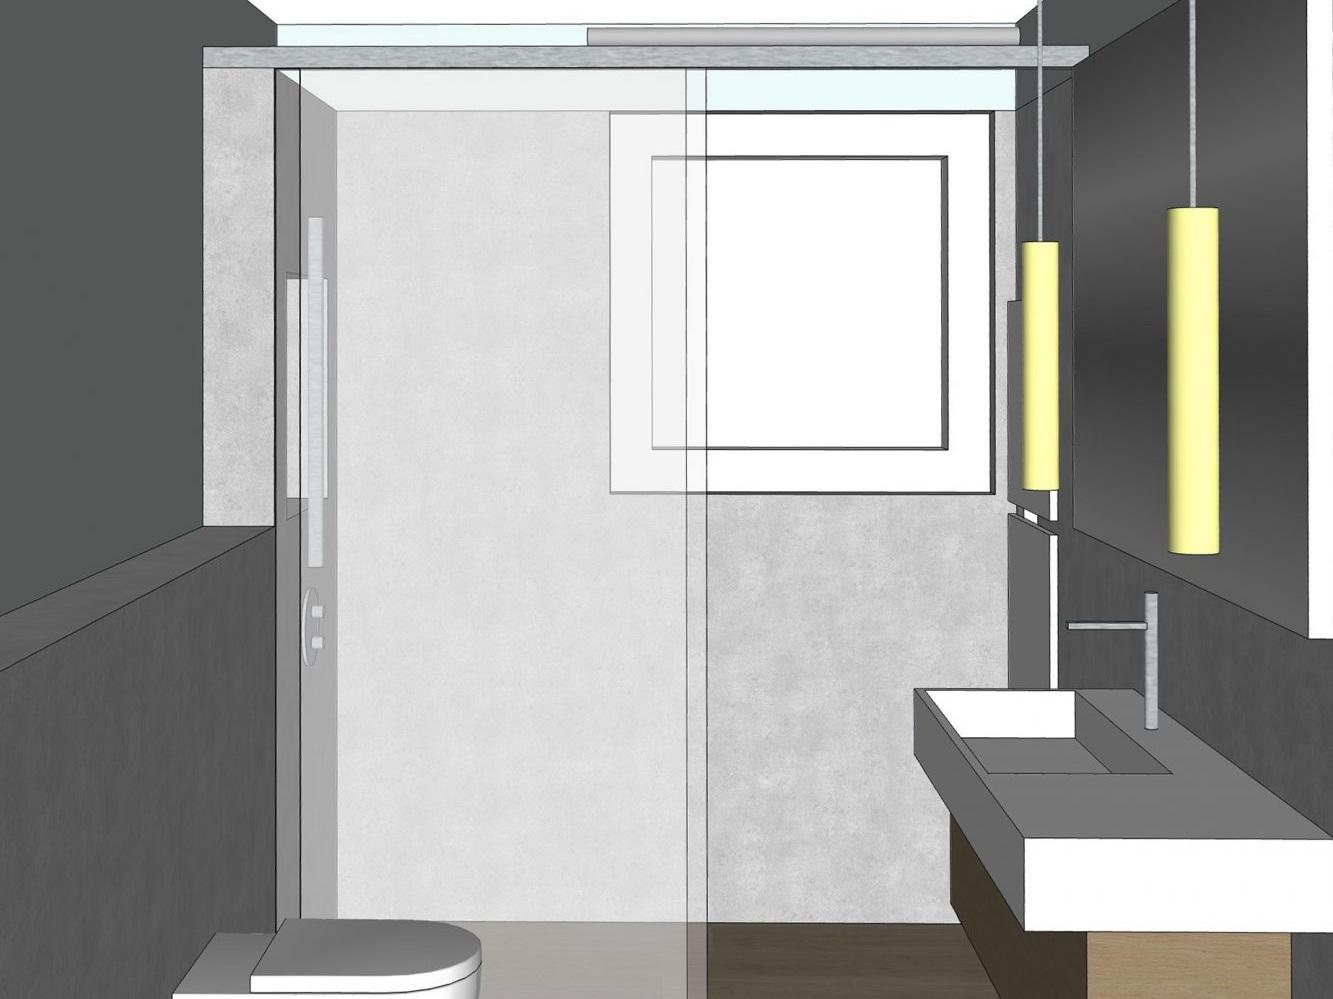 Badkonzepte für Duschbad - Variante 2